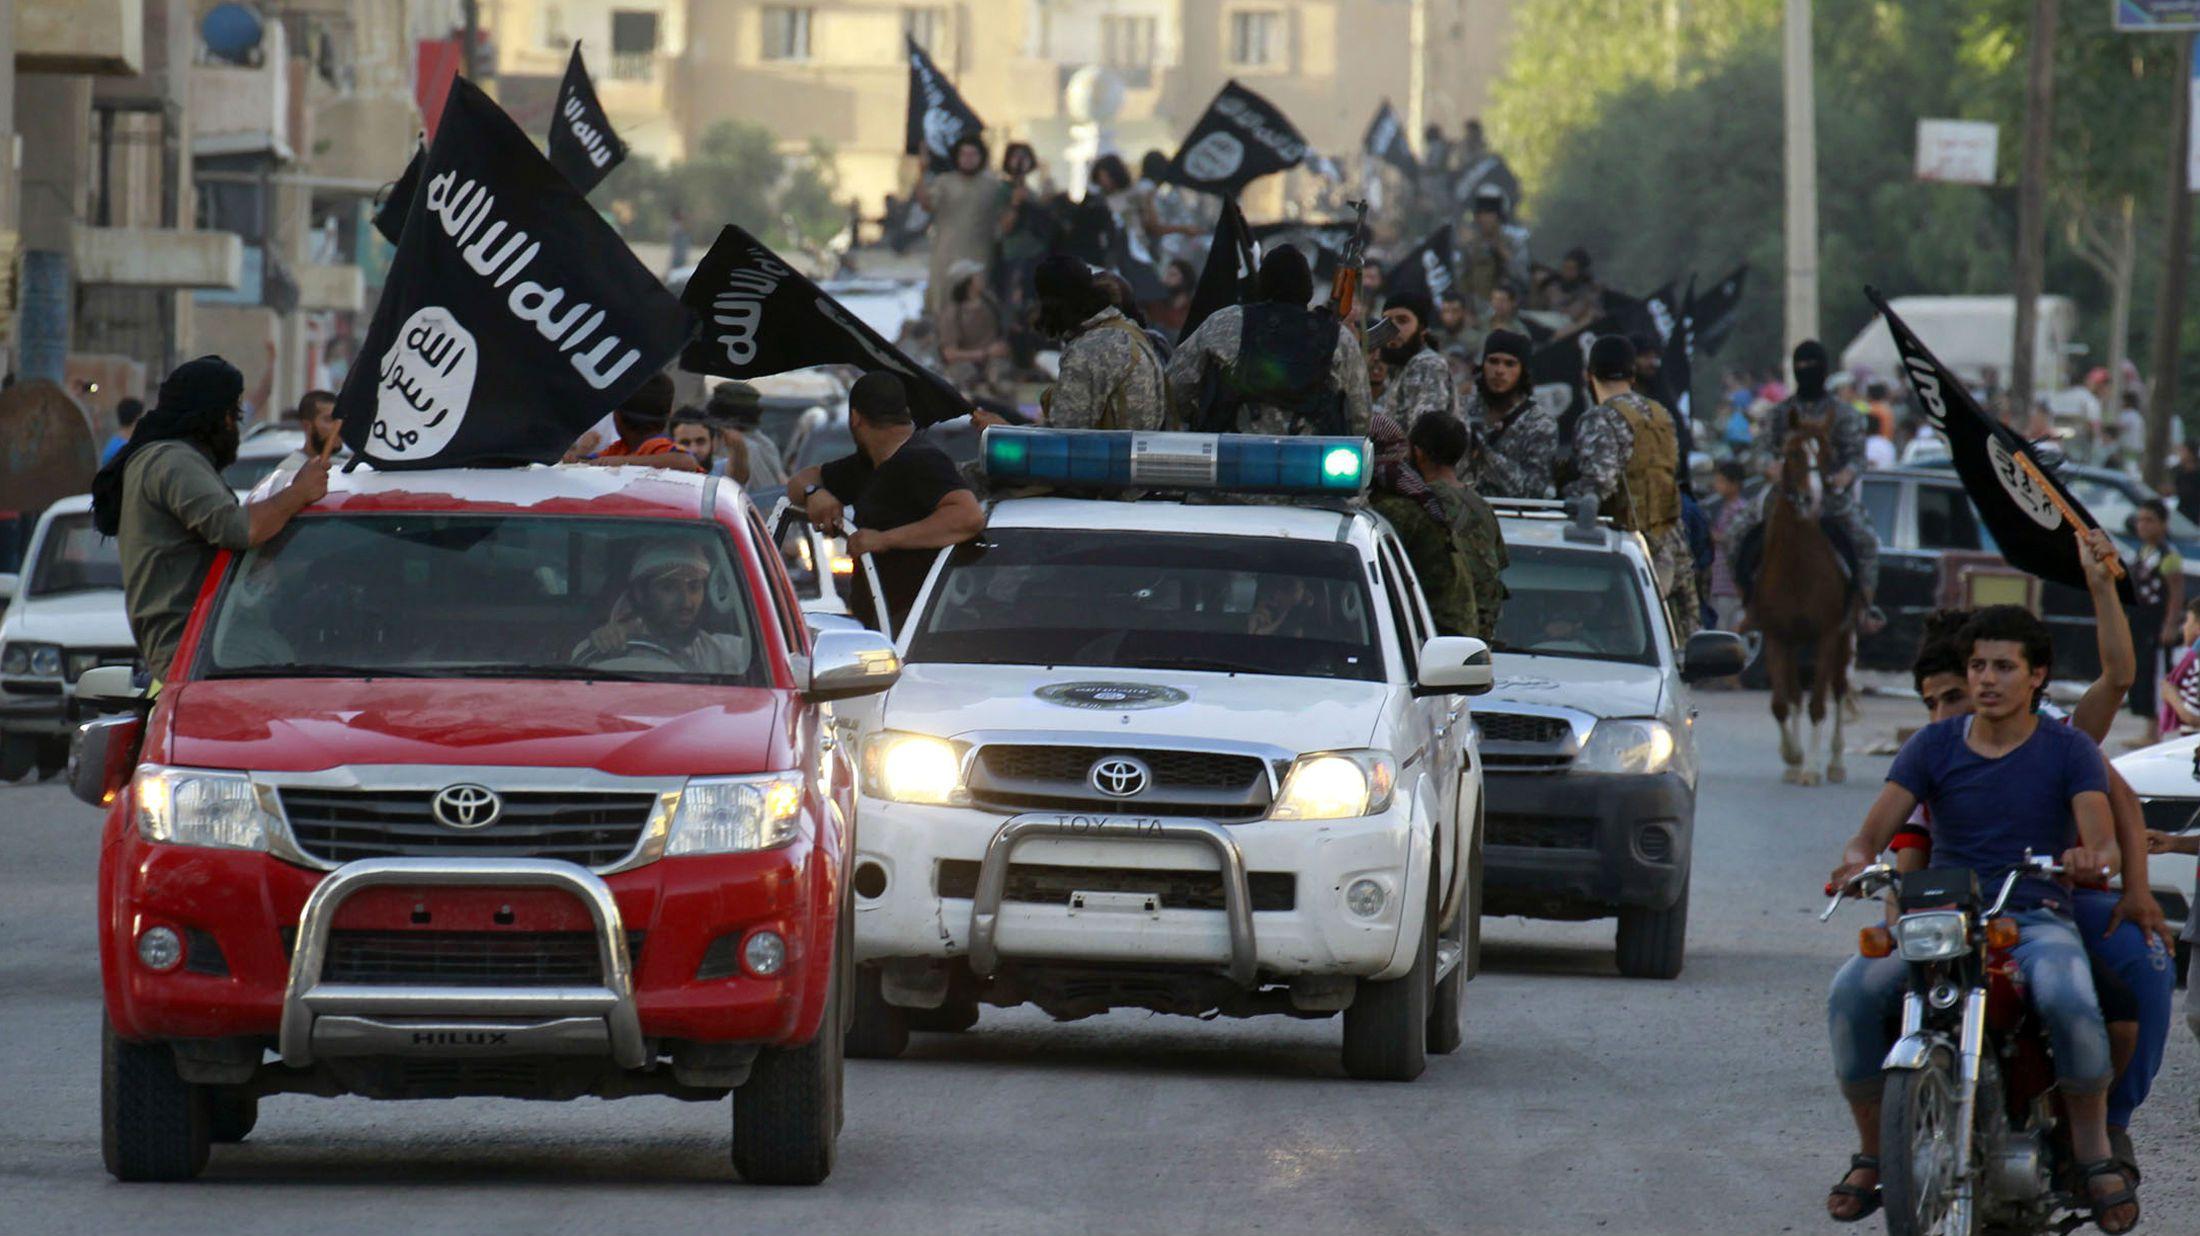 ISIL propaganda